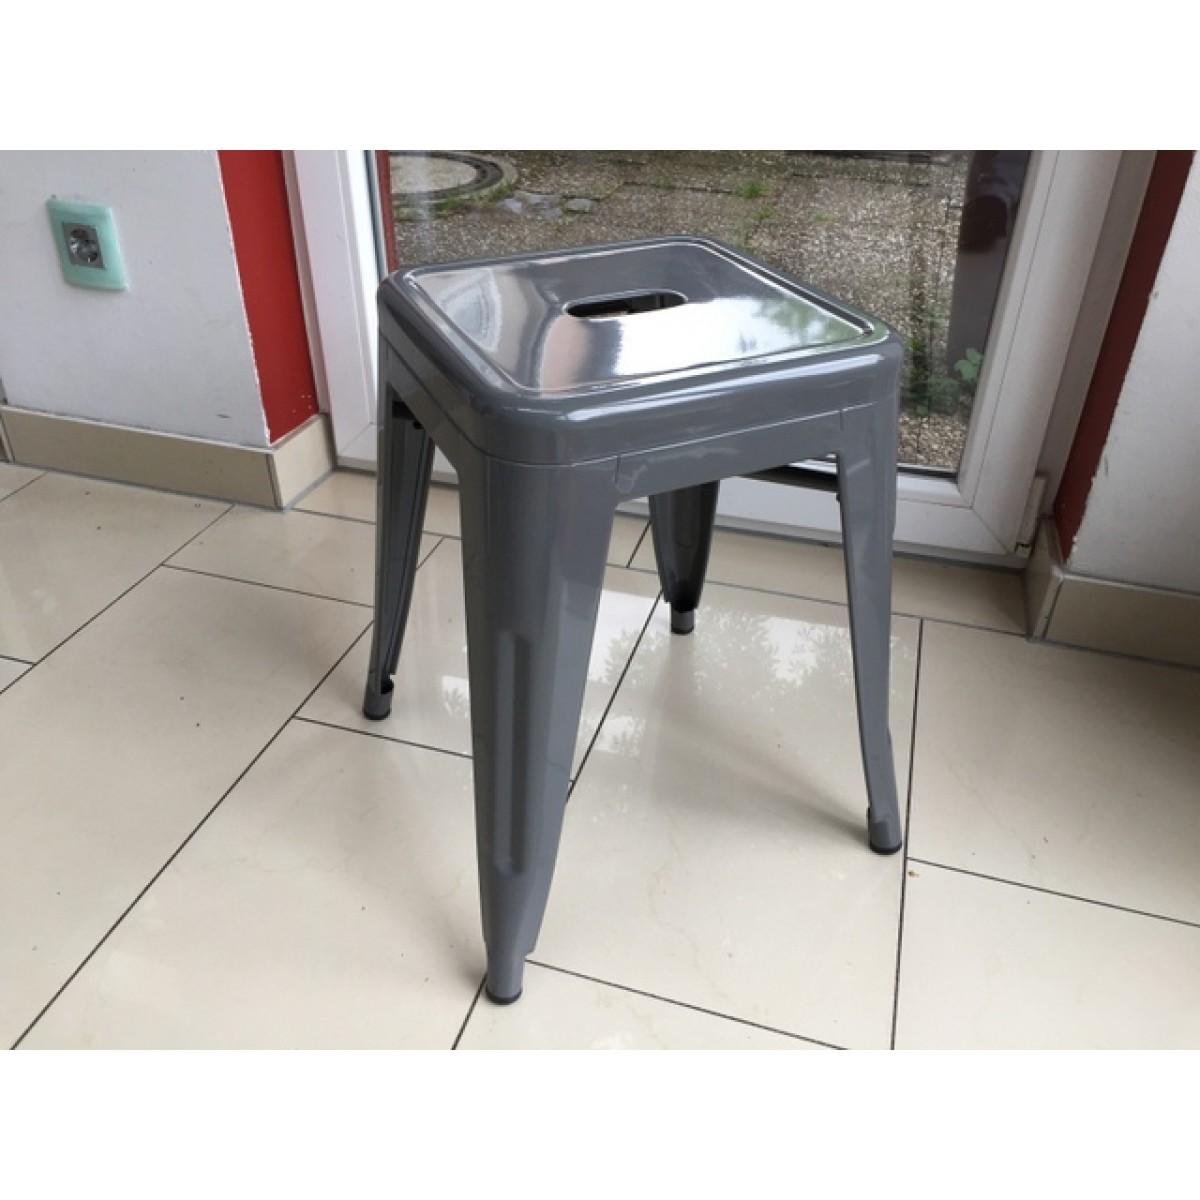 Metall Hocker Latest Hocker Industrial Hocker Industrial Style With Metall Hocker Fancybox